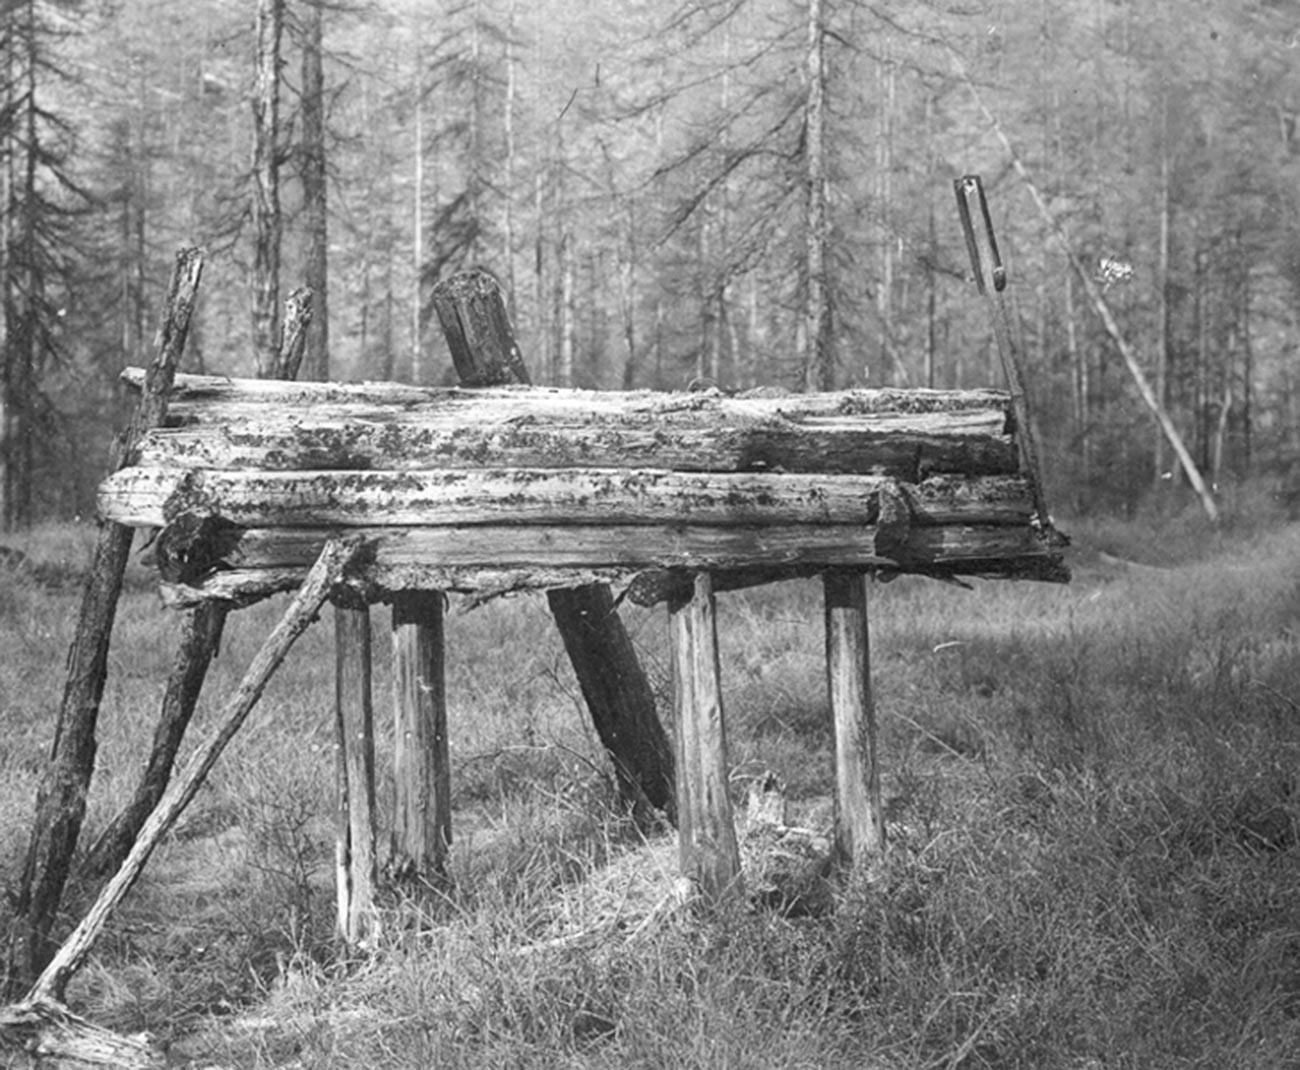 Nadzemni grob, najden v ruskem gozdu